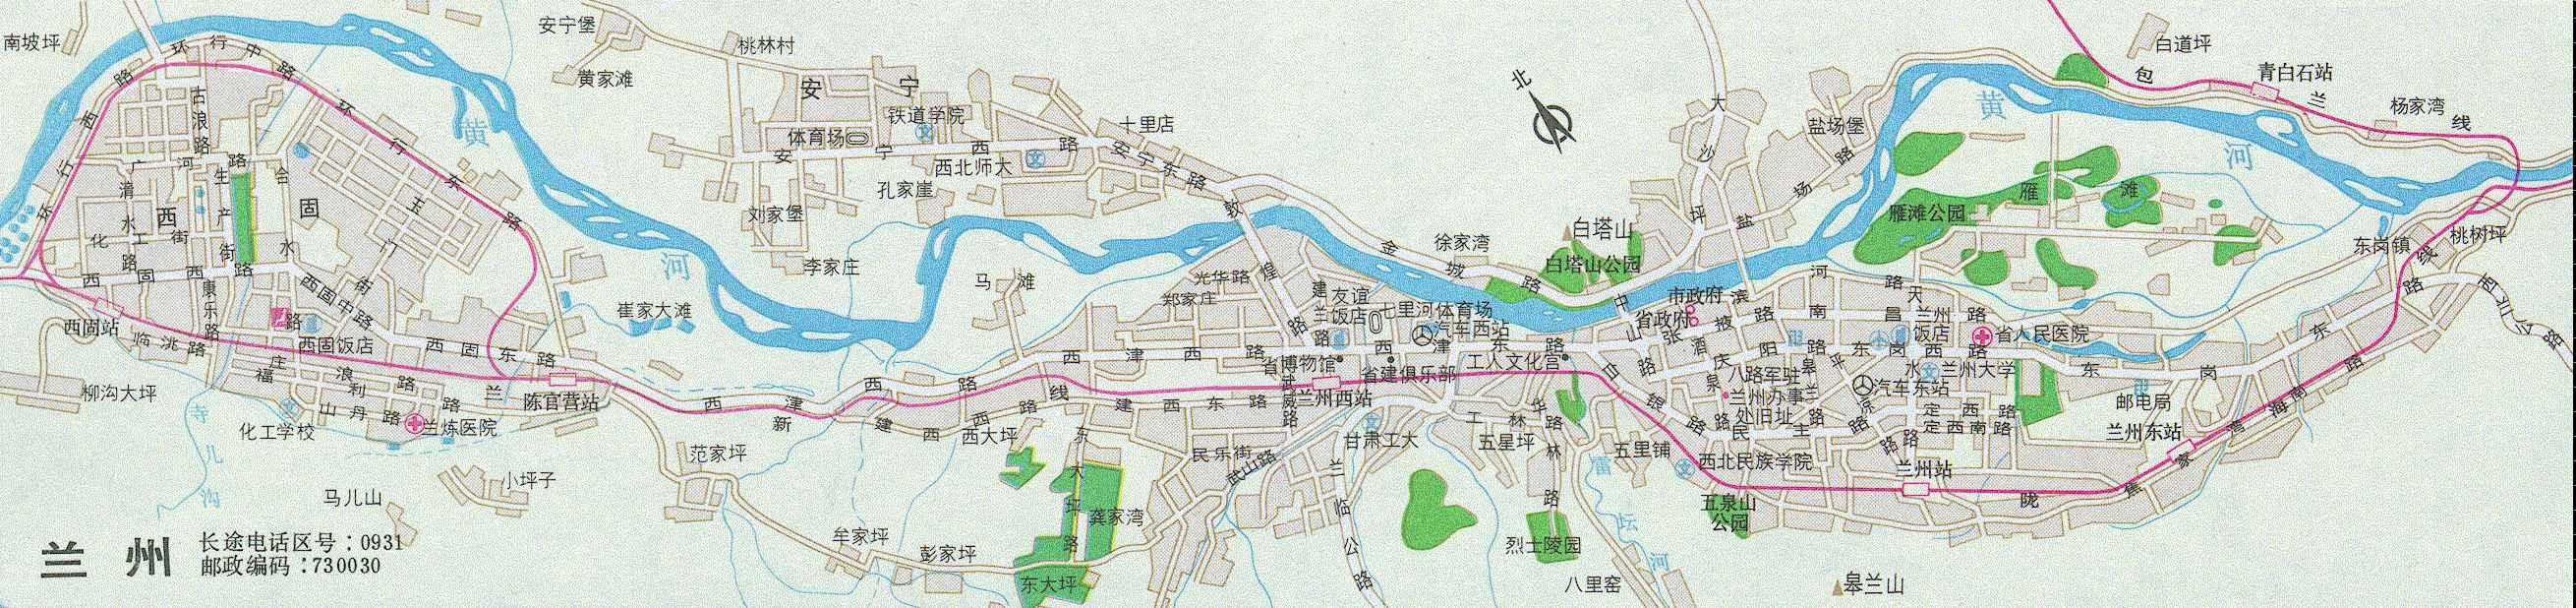 青岛-兰州铁路地图